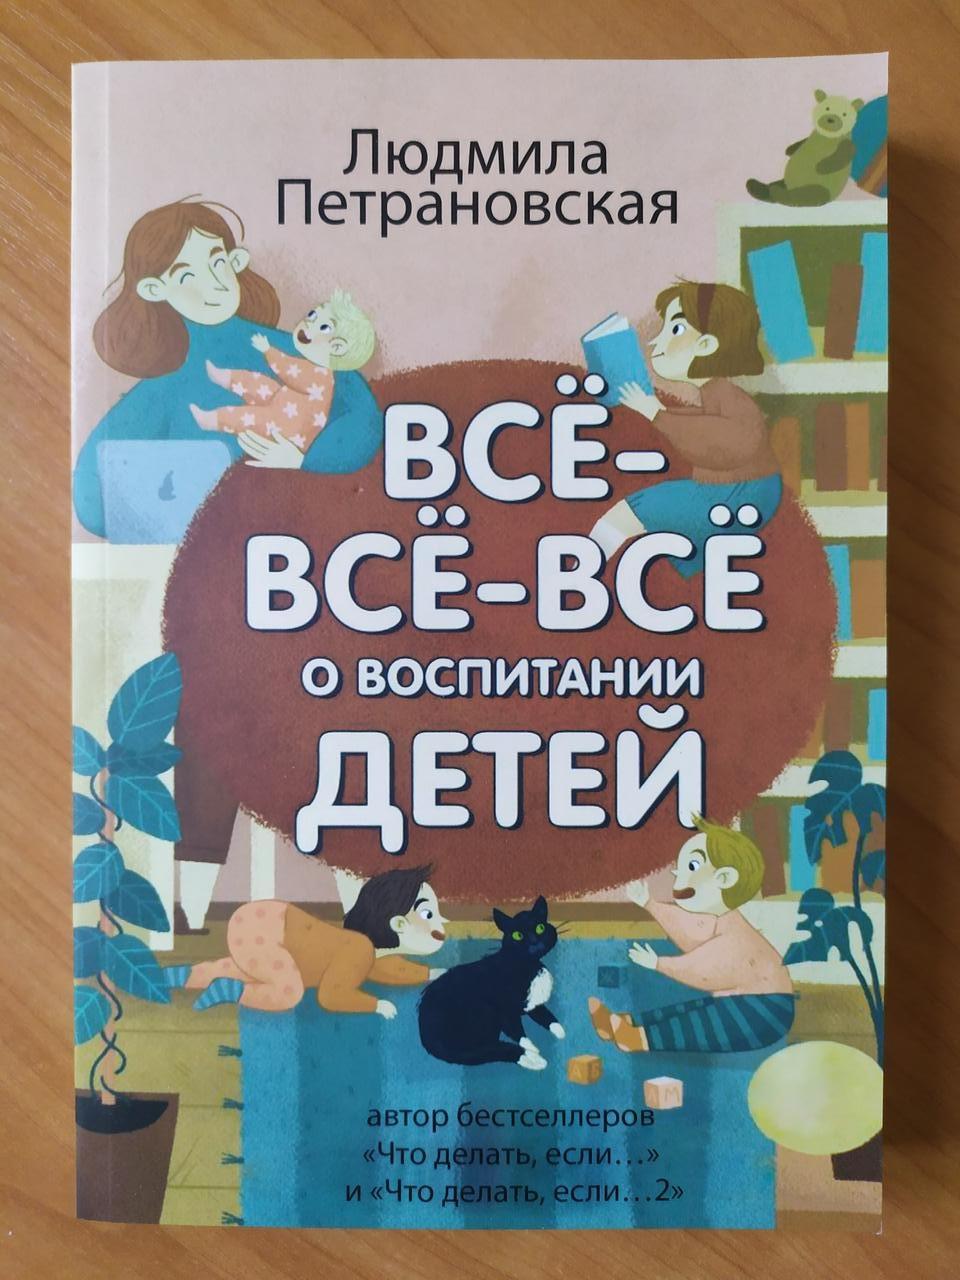 Людмила Петрановская. Всё-всё-всё о воспитании детей